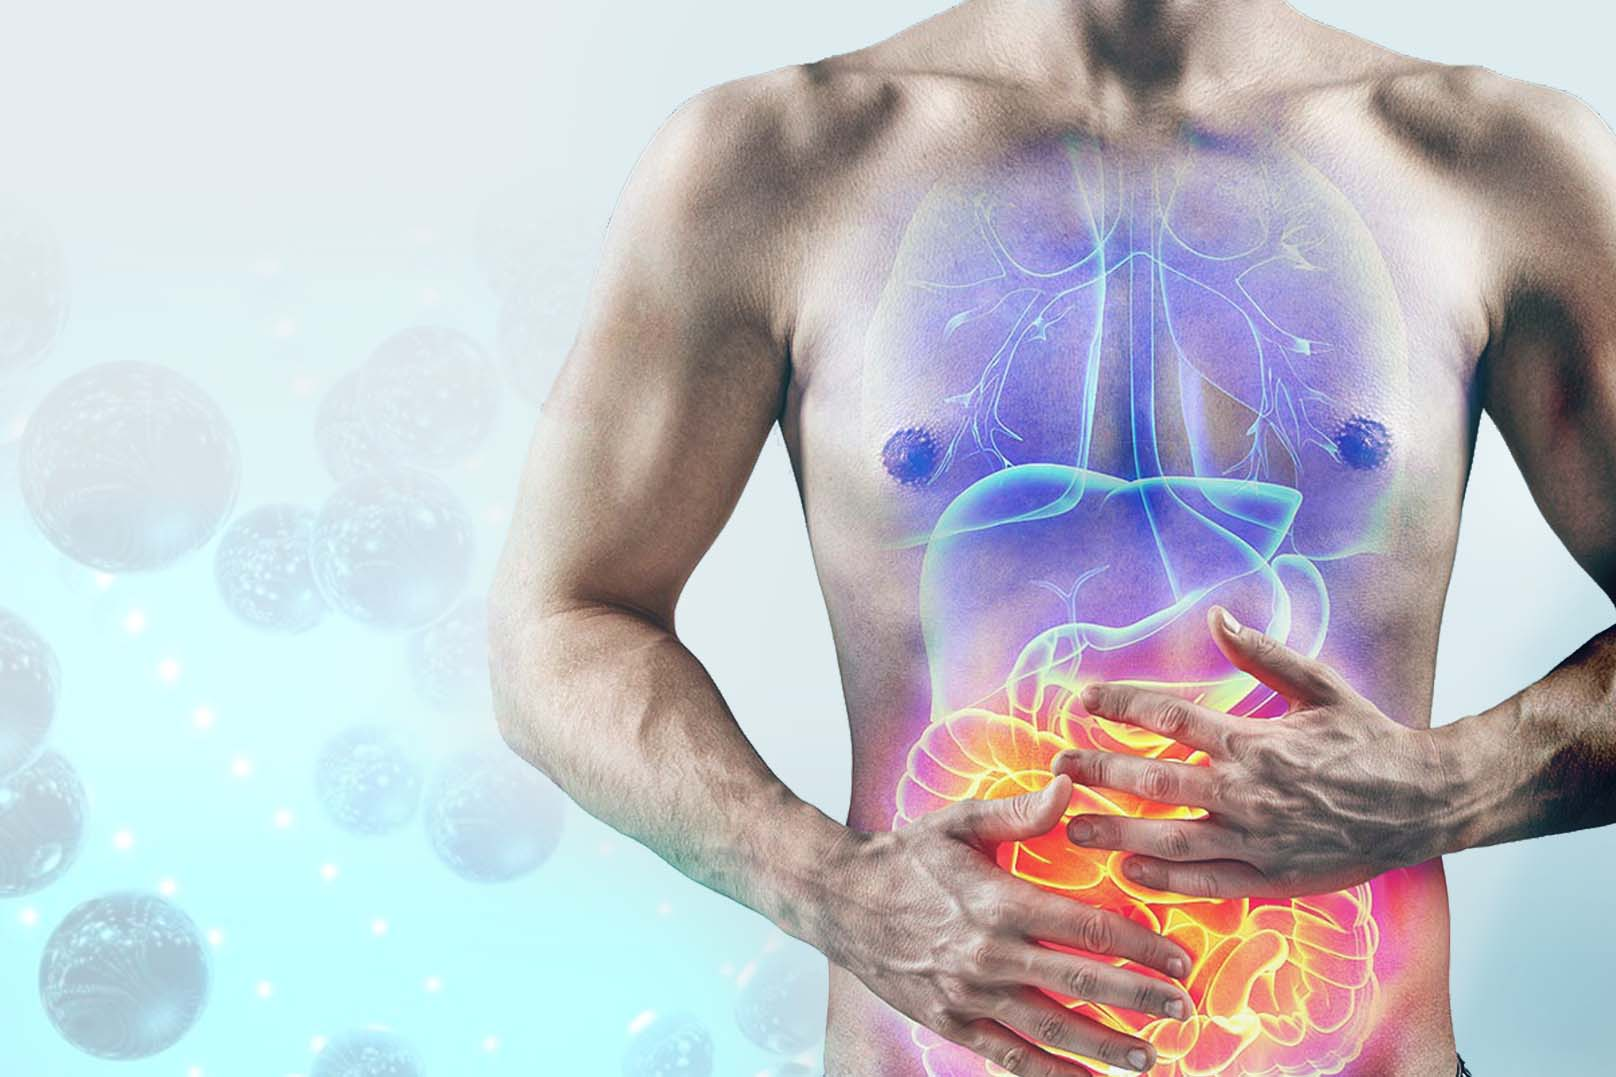 Cómo eliminar tóxicos y metales pesados del organismo a través de la suplementación nutricional